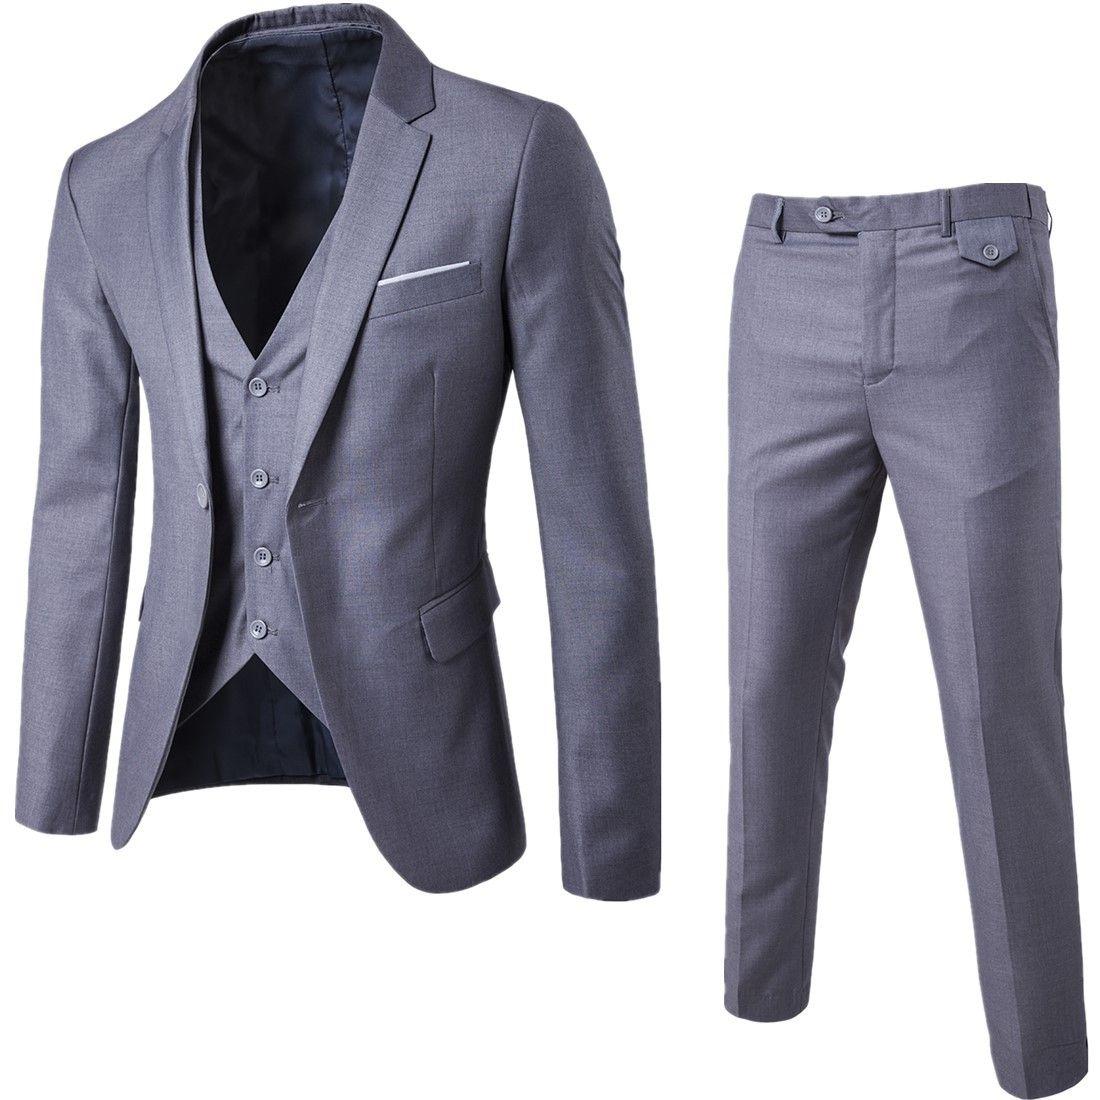 c1ad5543b 2018 nueva llegada de los hombres de negocios traje Slim Fit masculino  clásico trajes de buena calidad trajes de boda para hombres 3 unidades ( chaqueta + ...